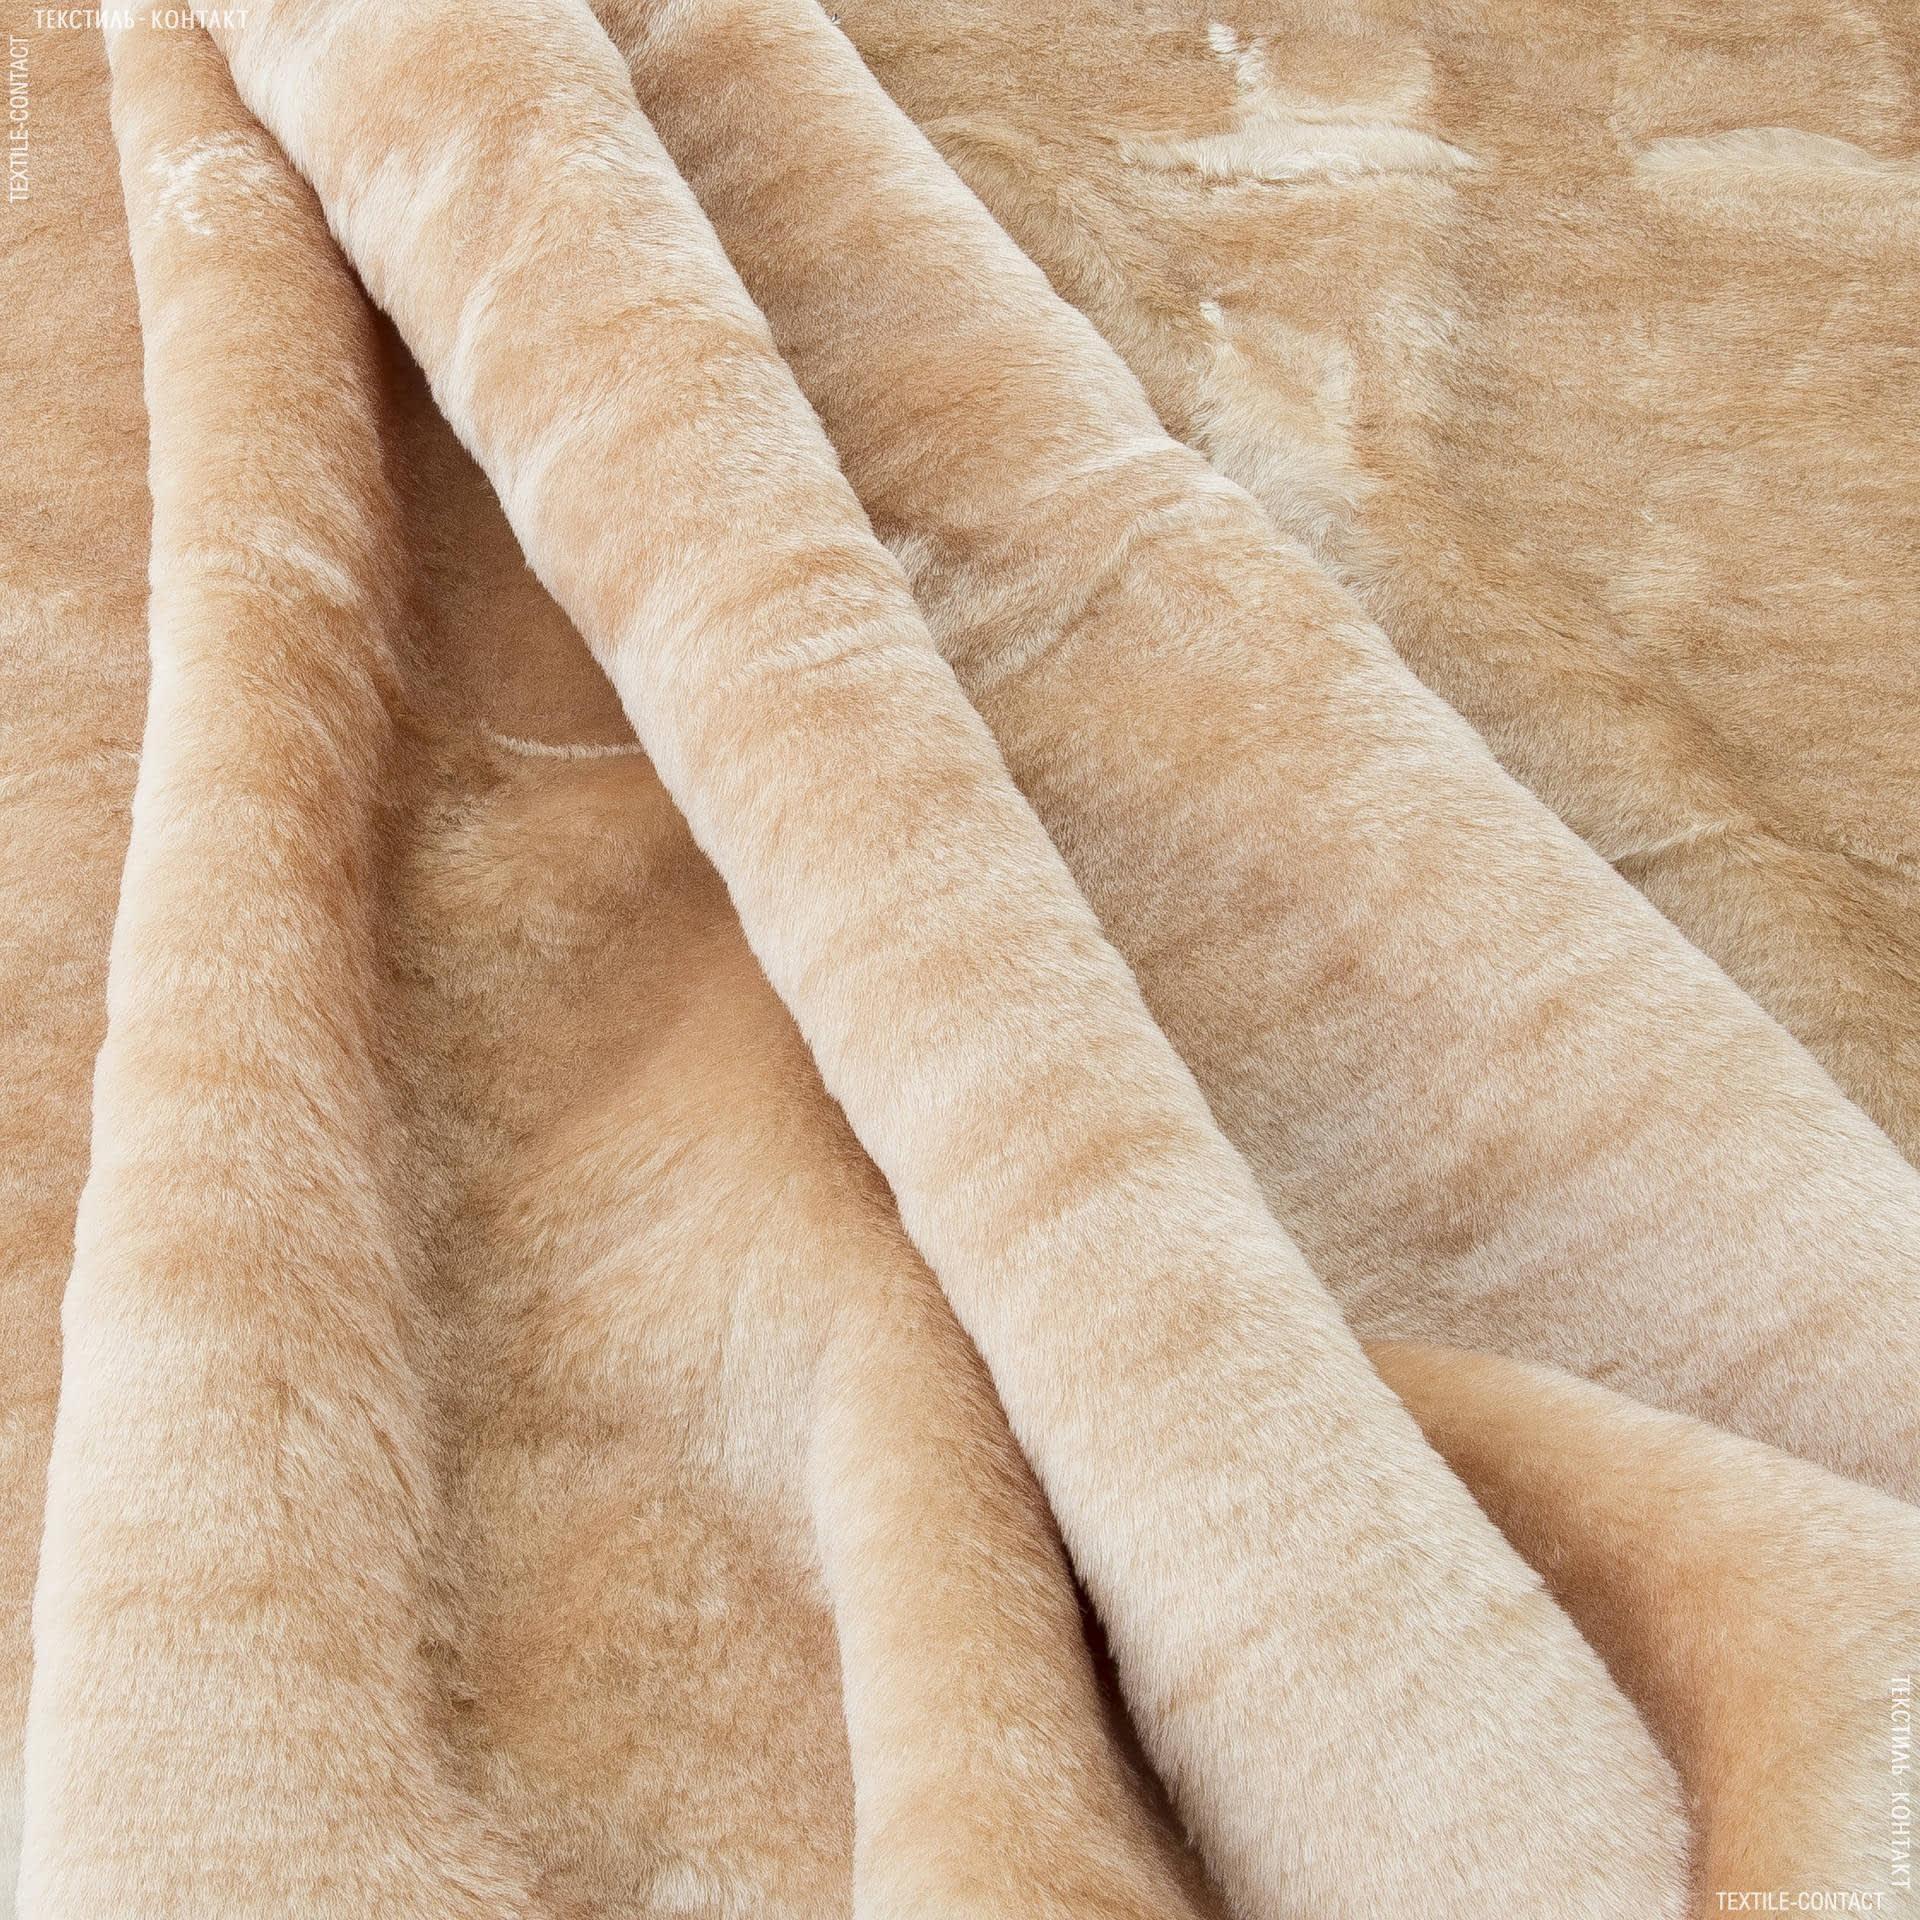 Ткани для верхней одежды - Мех коротковорсовый бежевый